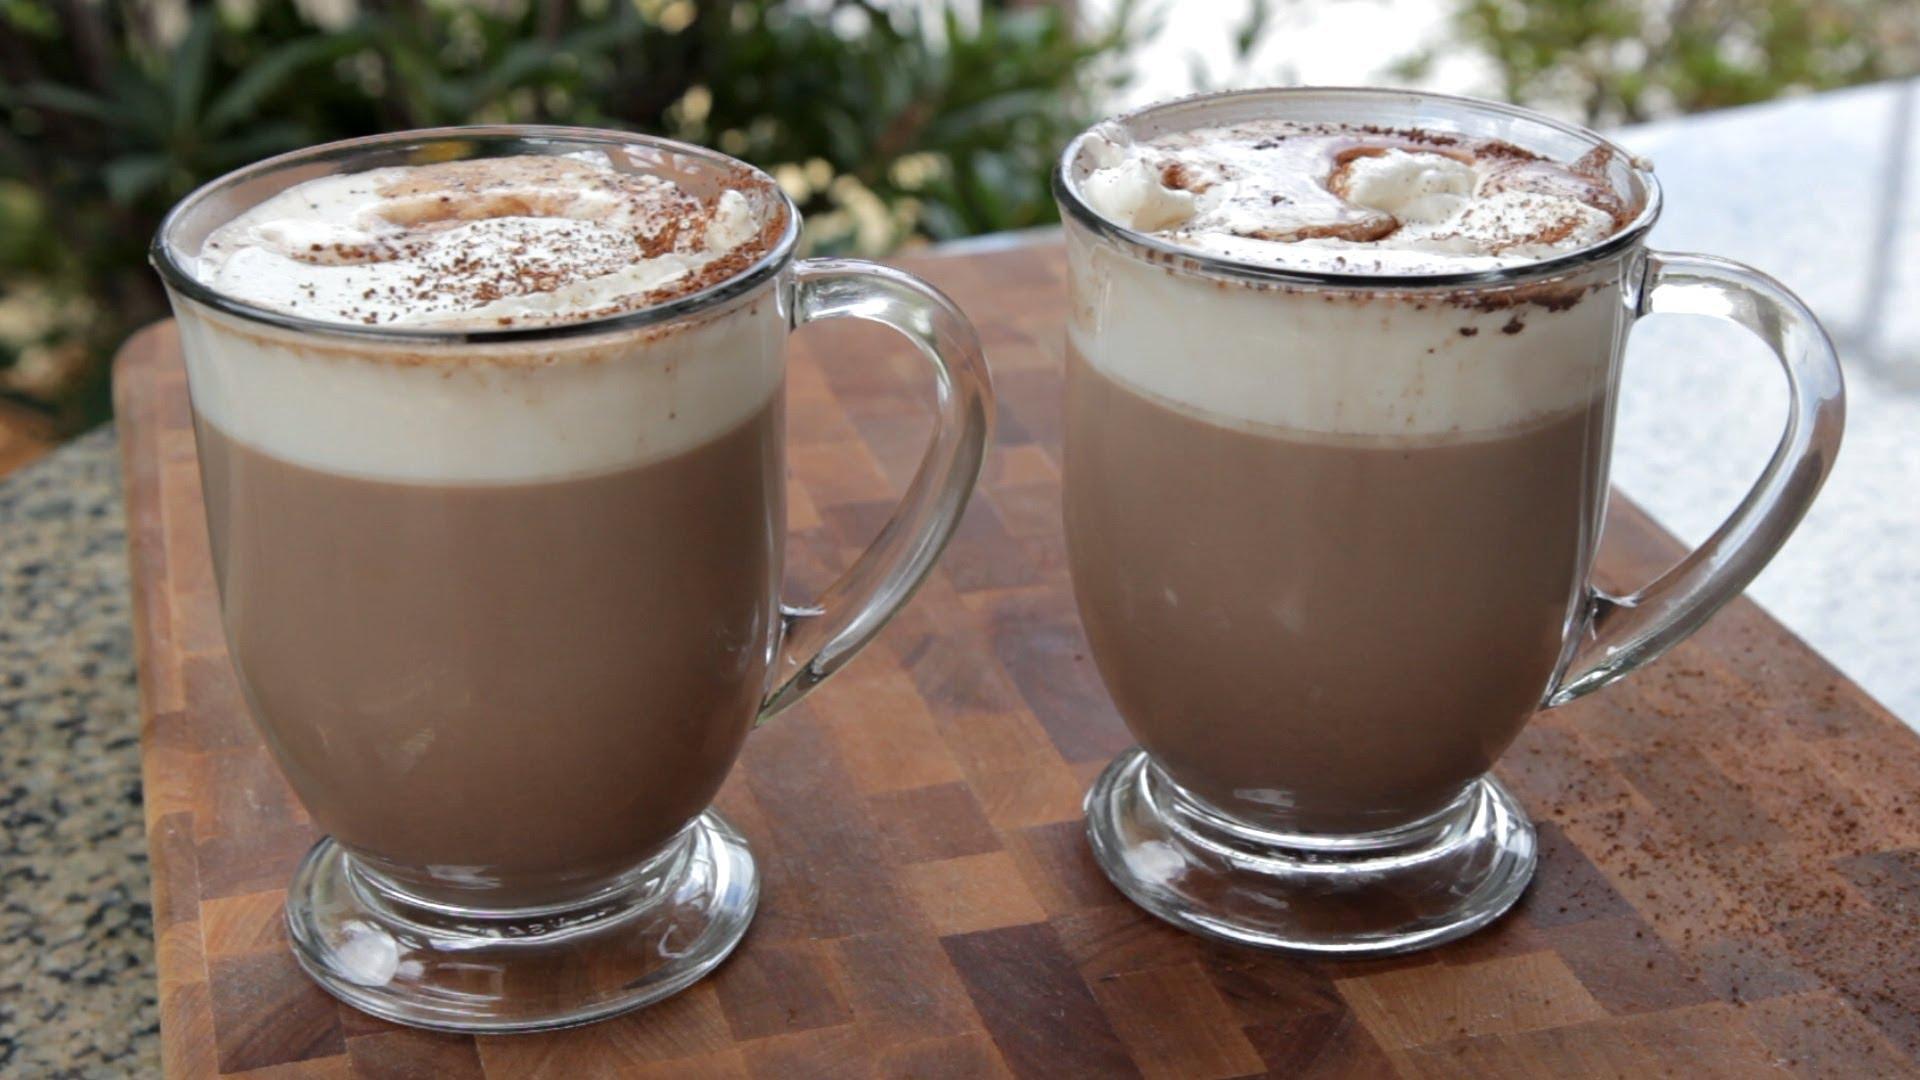 دراسة تكشف فائدة مذهلة لمشروب الكاكاو